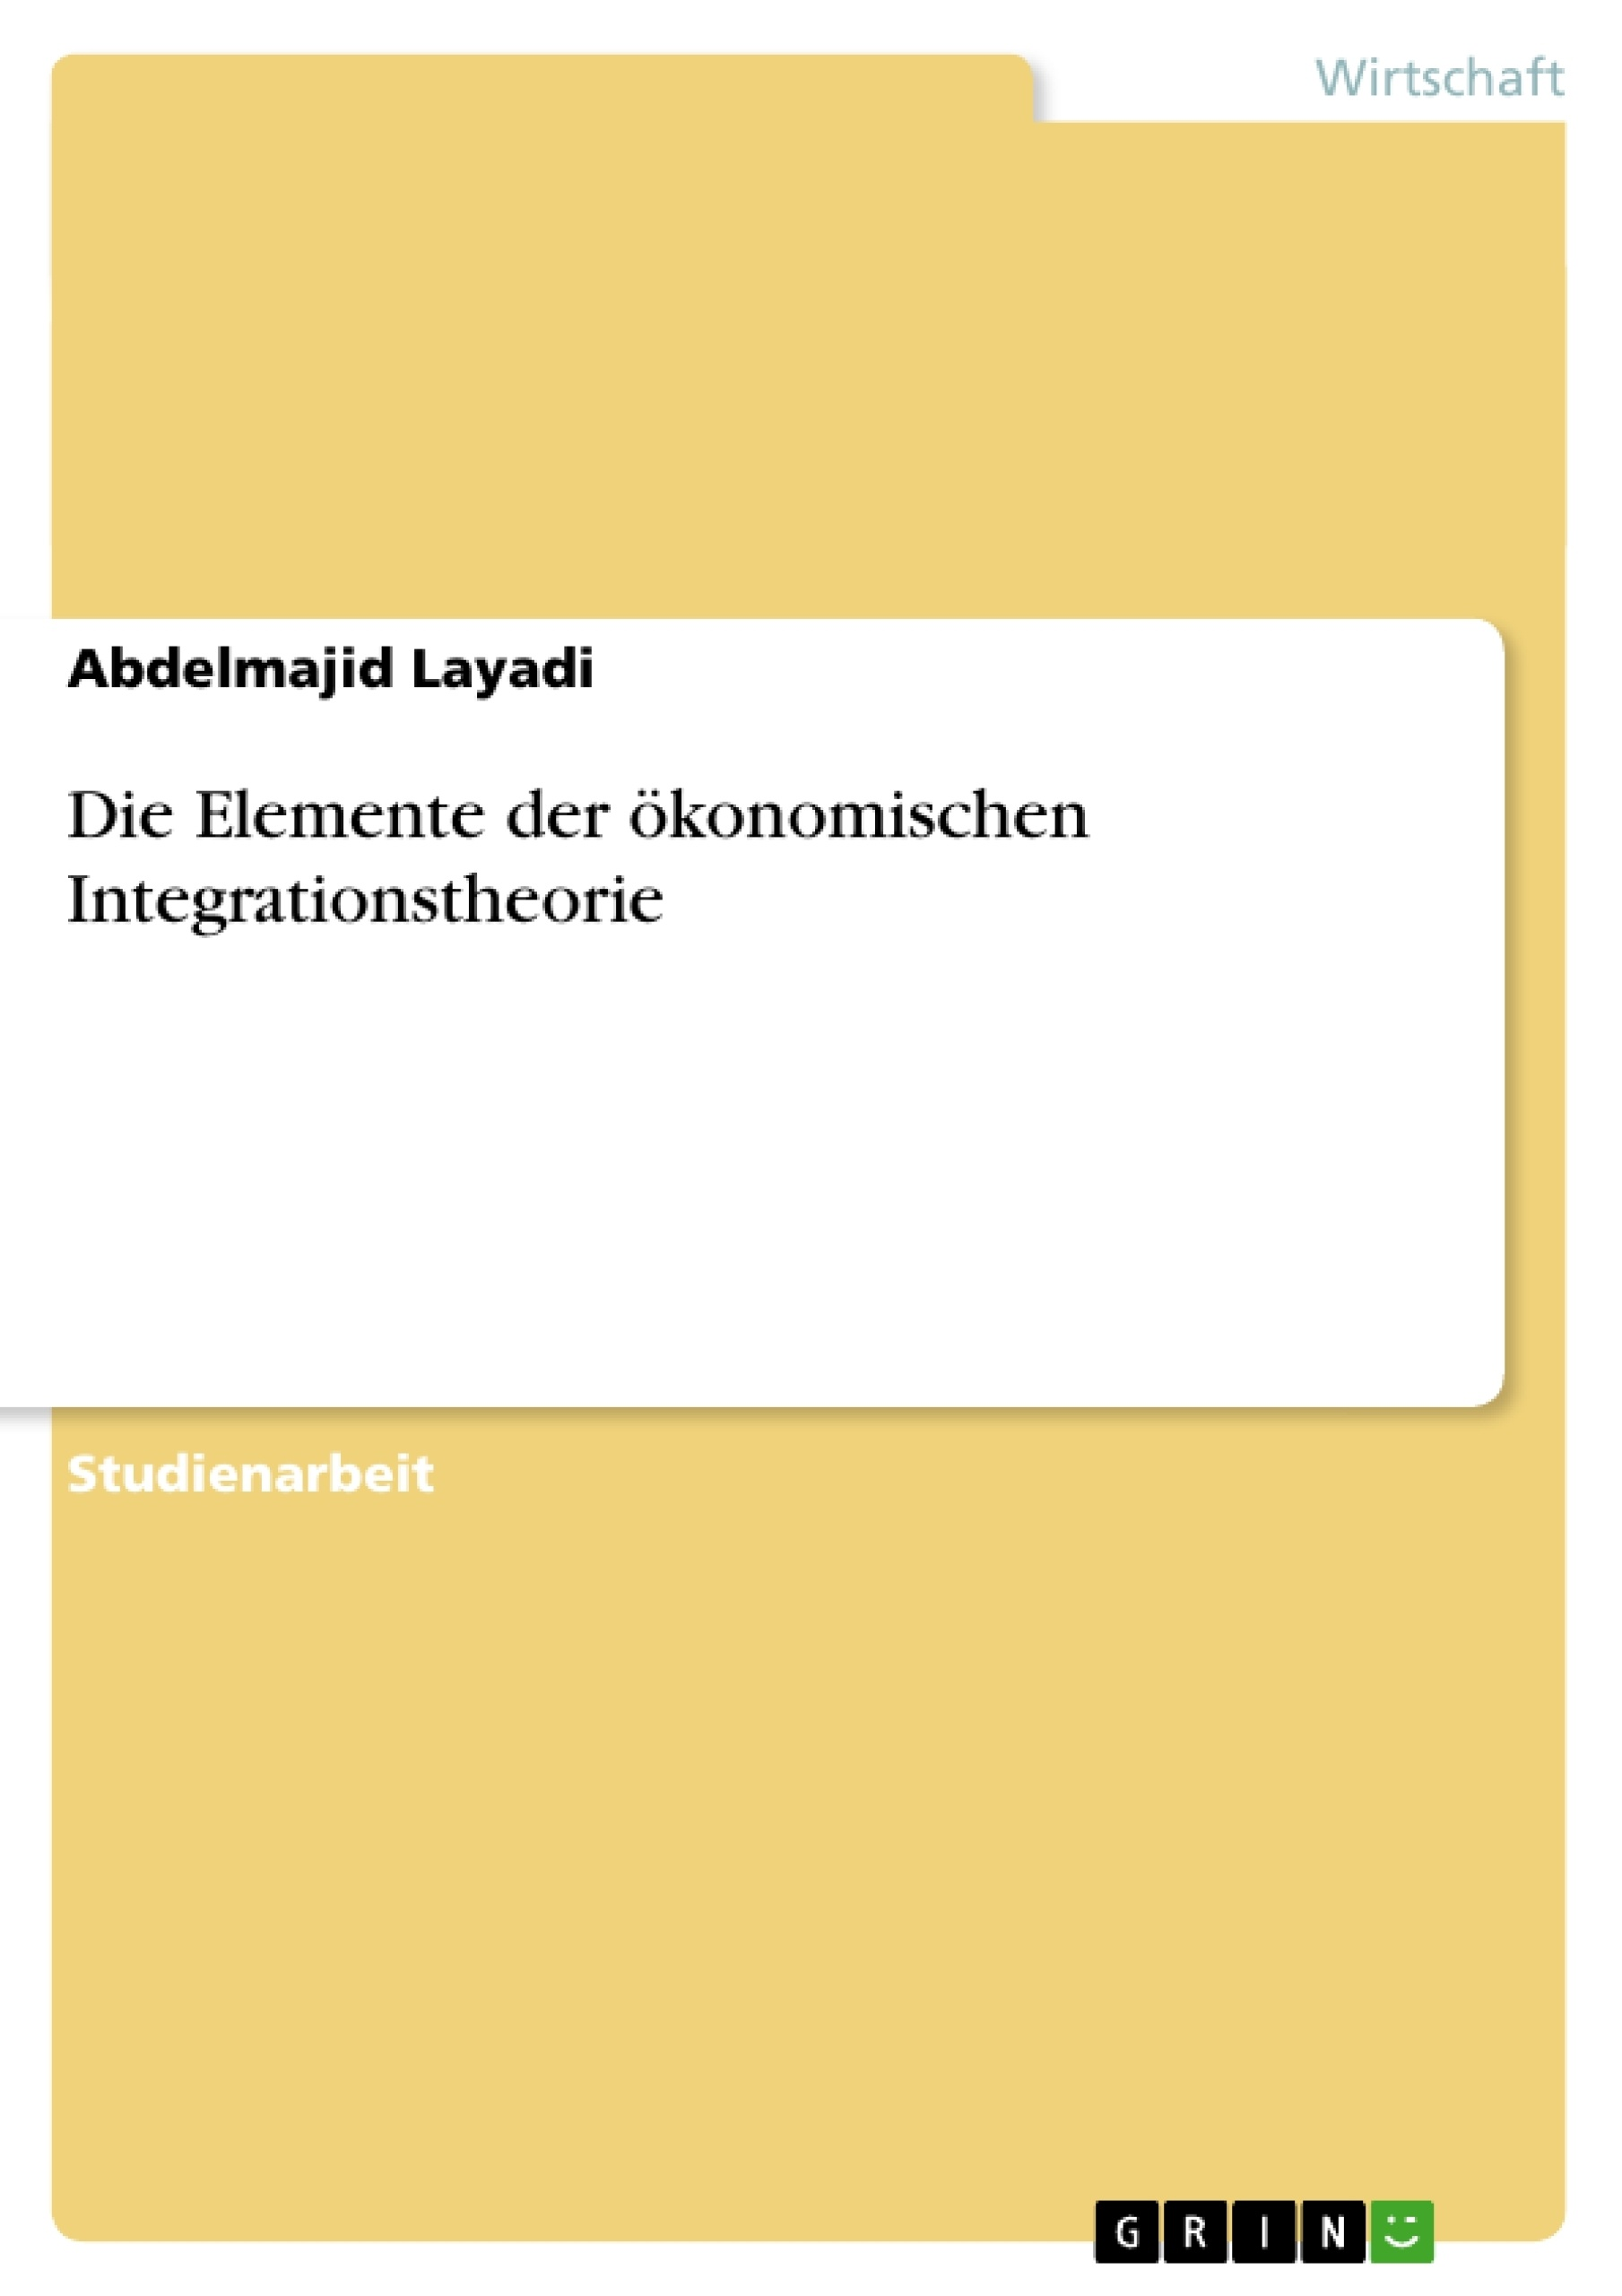 Titel: Die Elemente der ökonomischen Integrationstheorie